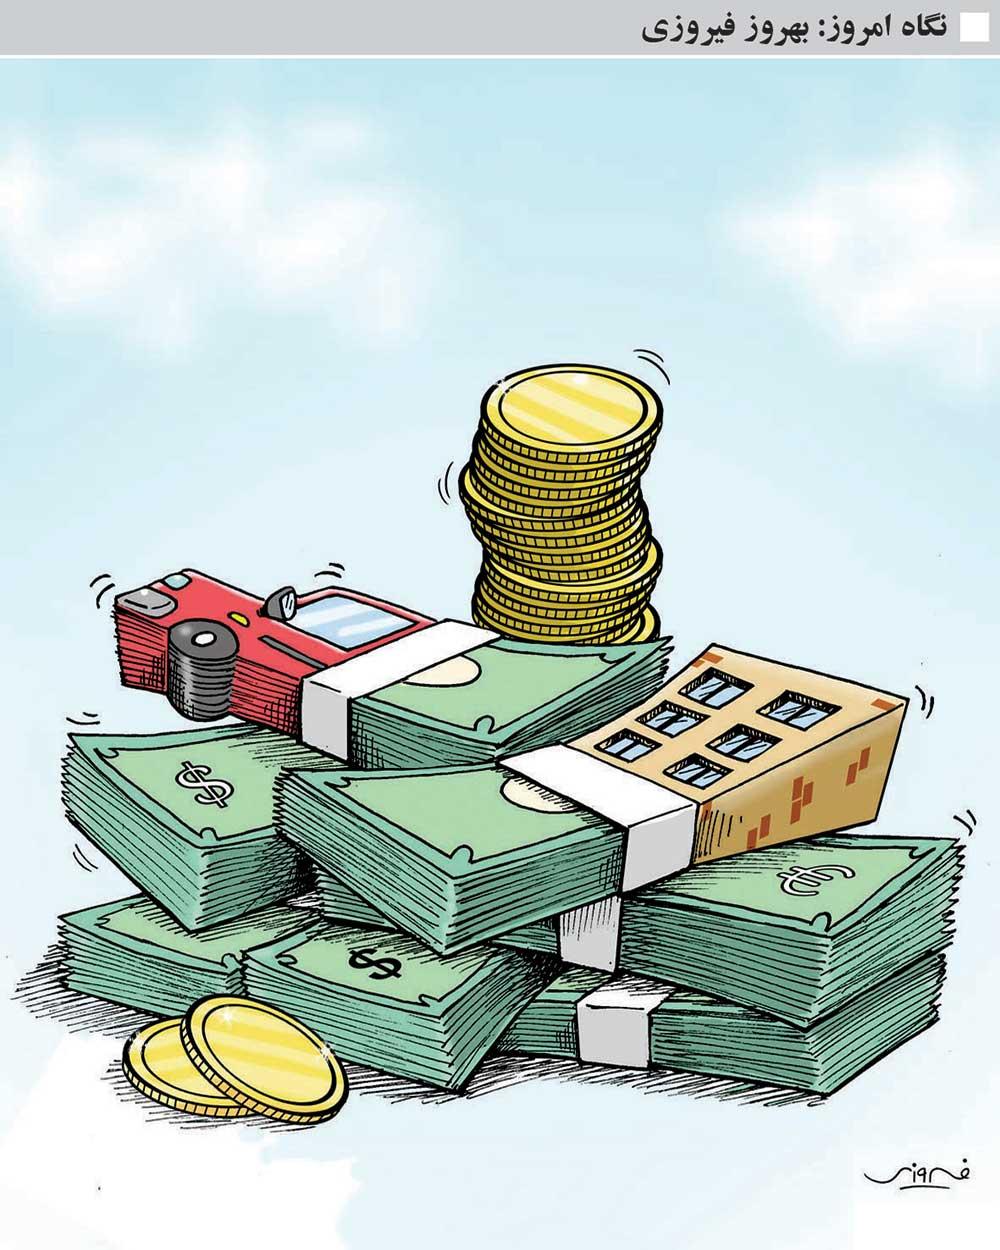 احوالات اوضاع اقتصادی این روزها + عکس